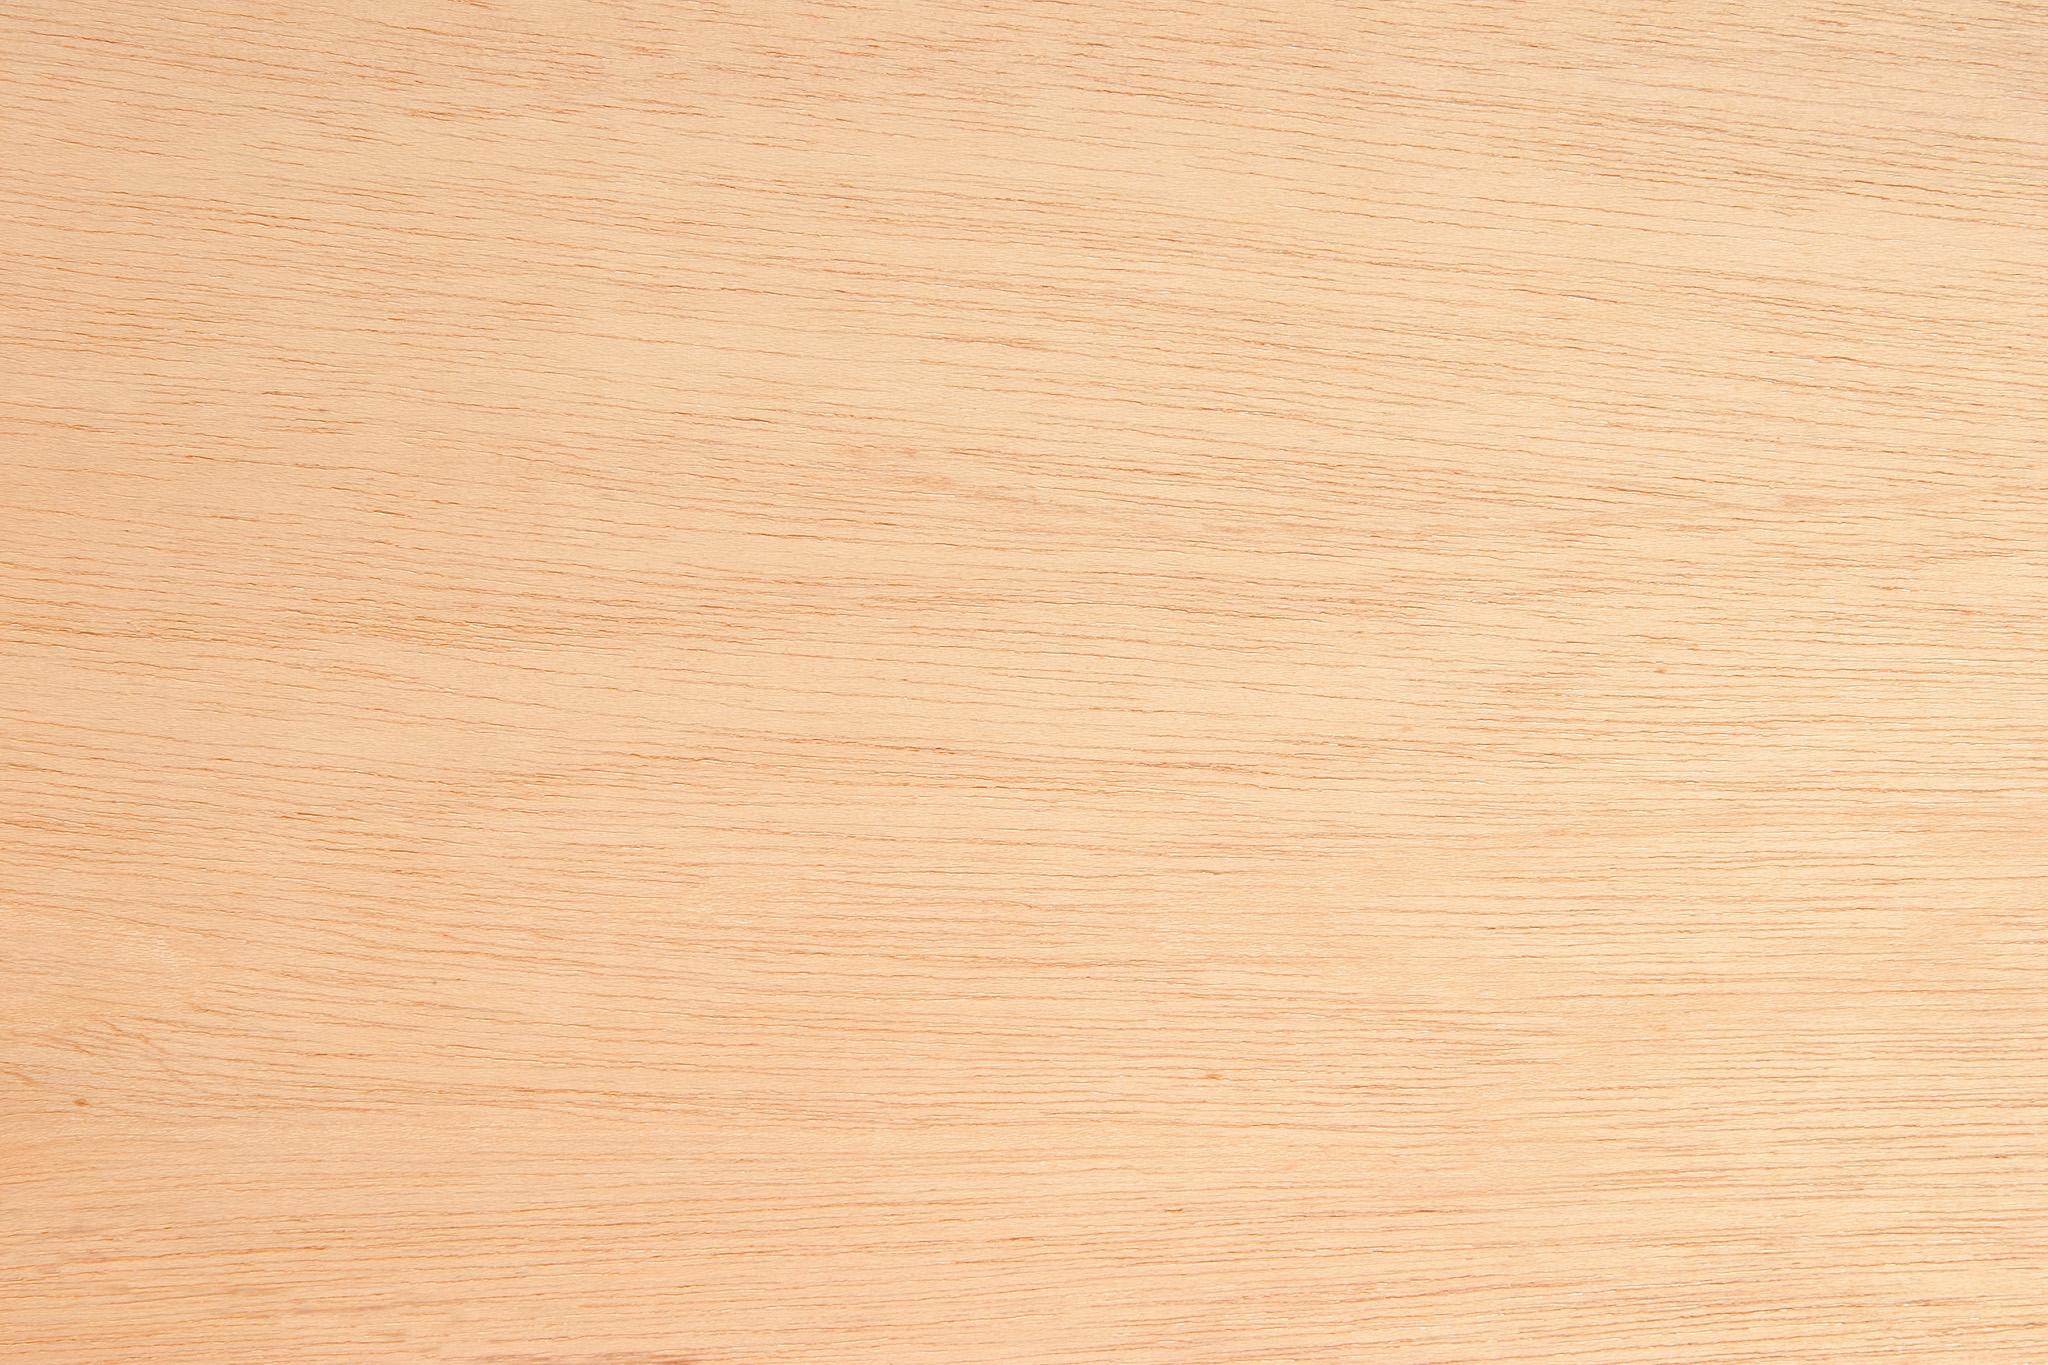 「肌色の真新しい板」